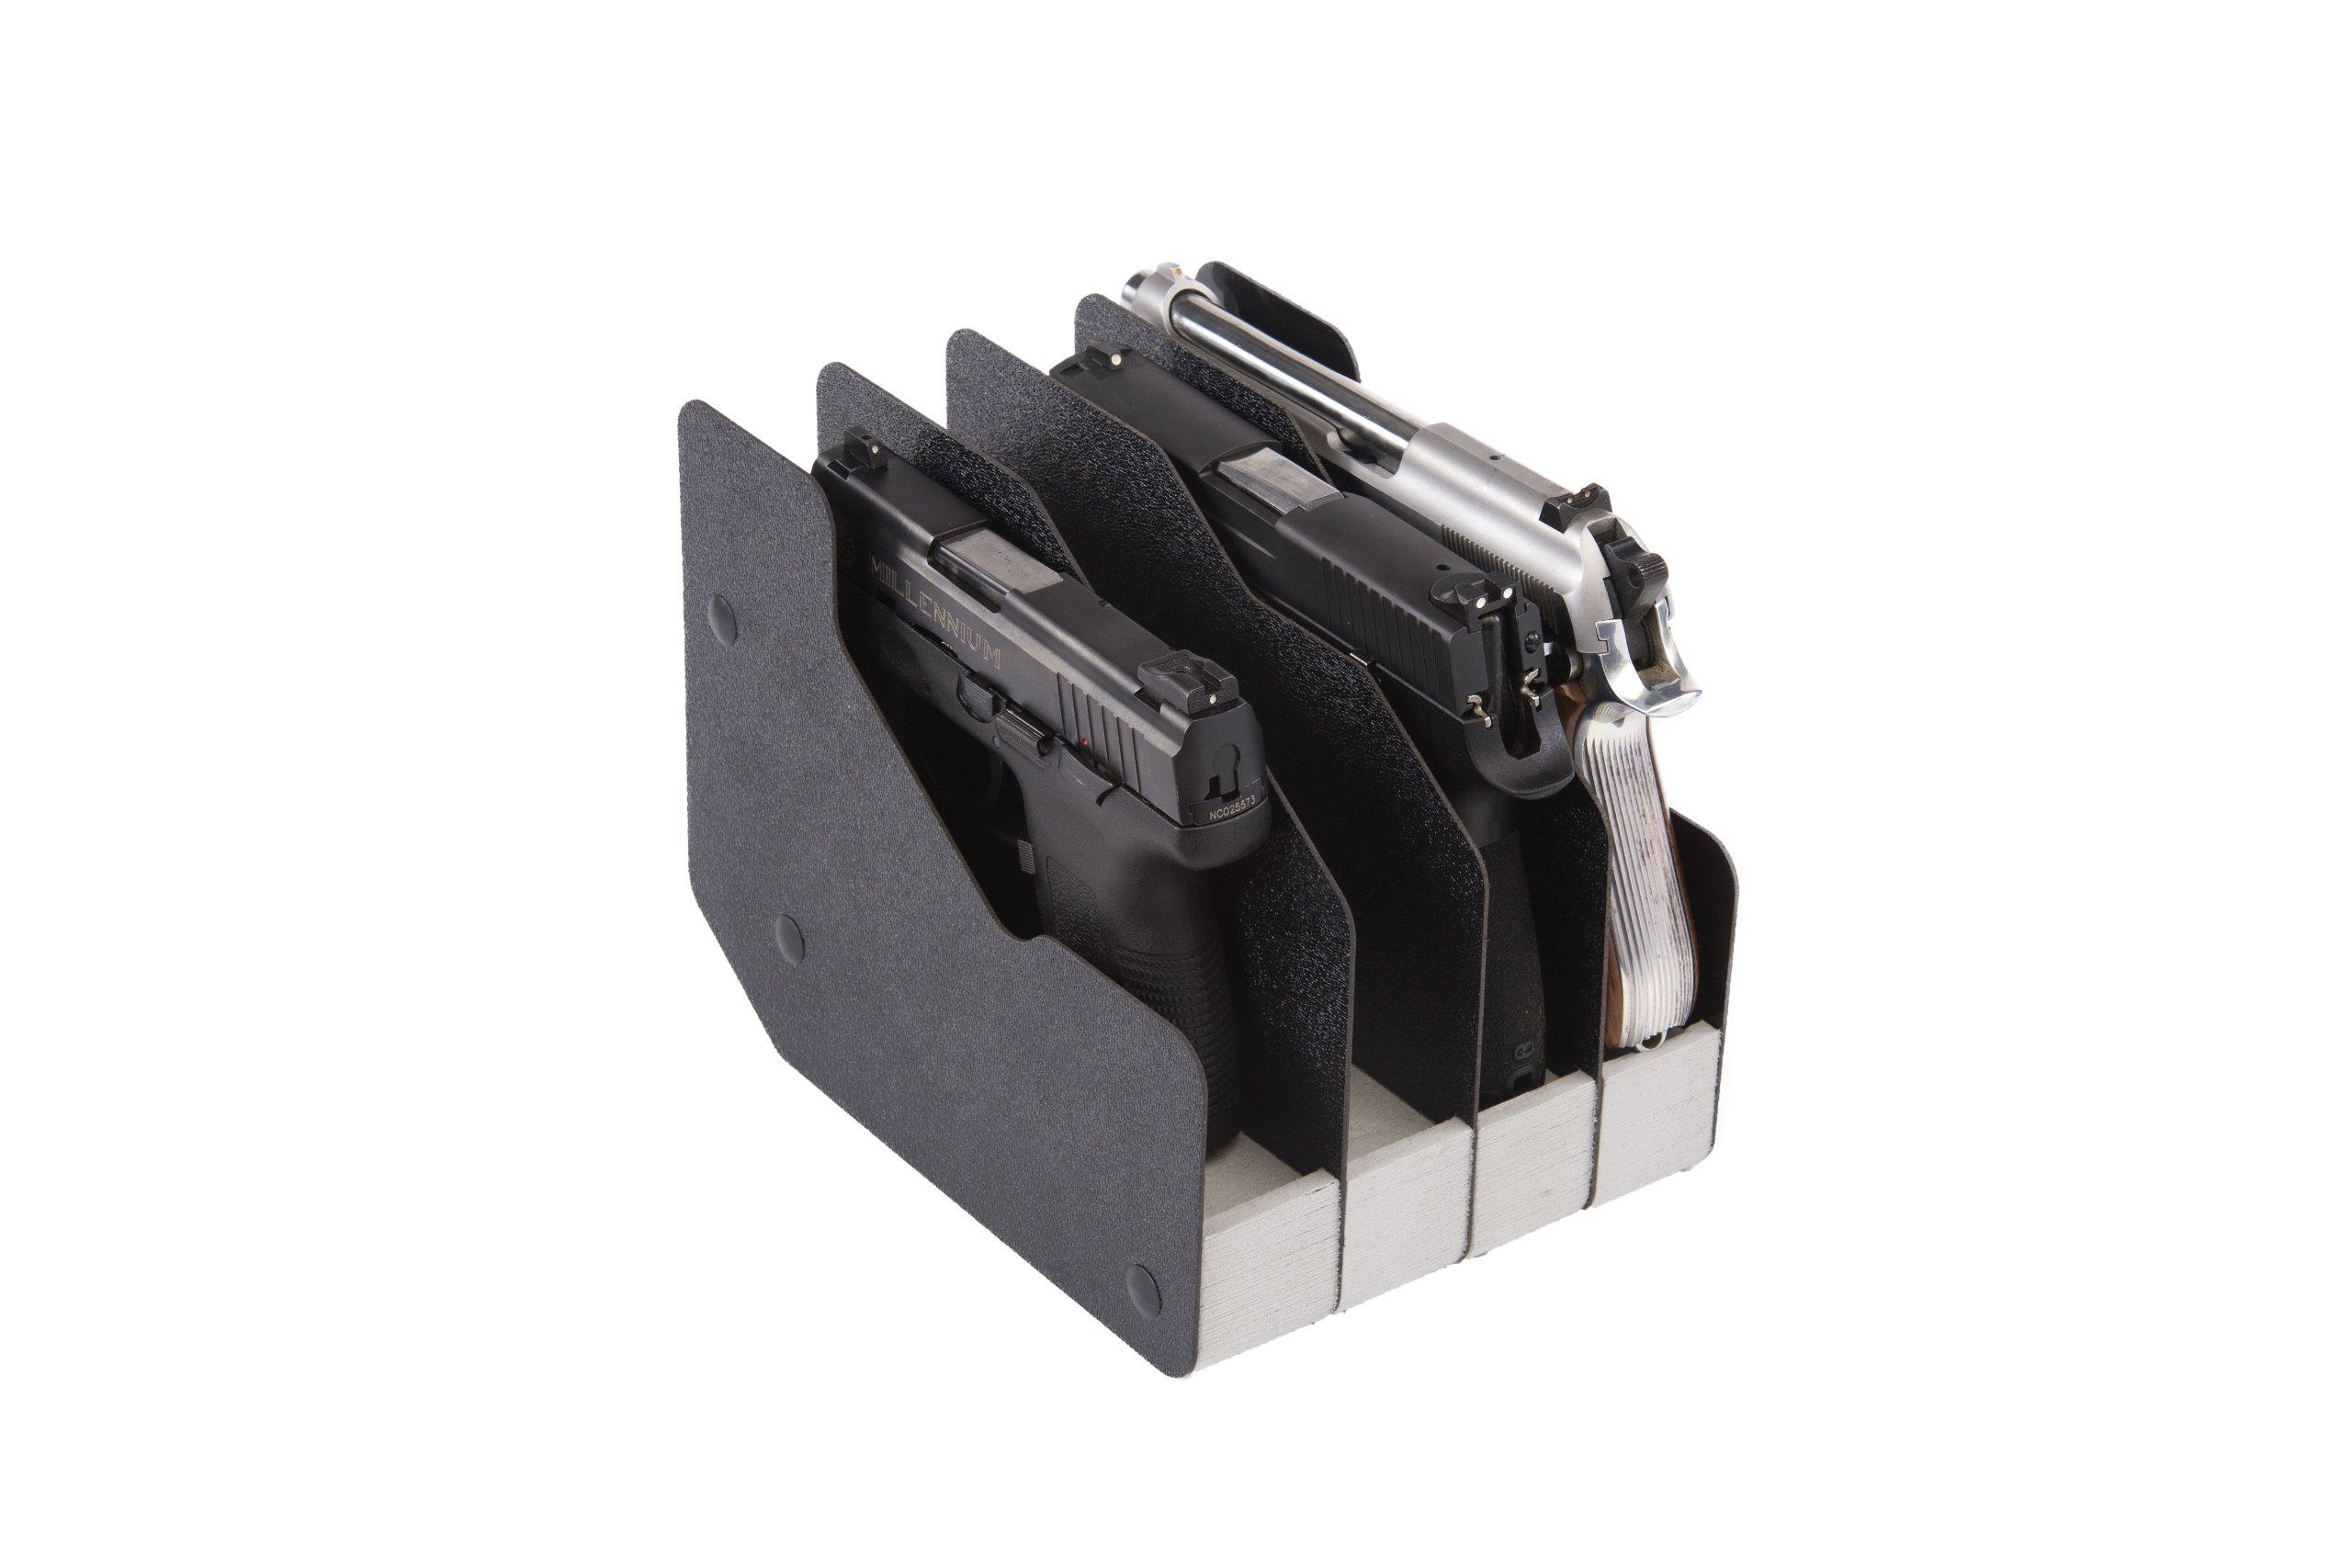 Benchmaster - Weapon Rack - Four (4) Gun Pistol Rack - Gun Safe Storage Accessories - Gun Rack by BenchMaster